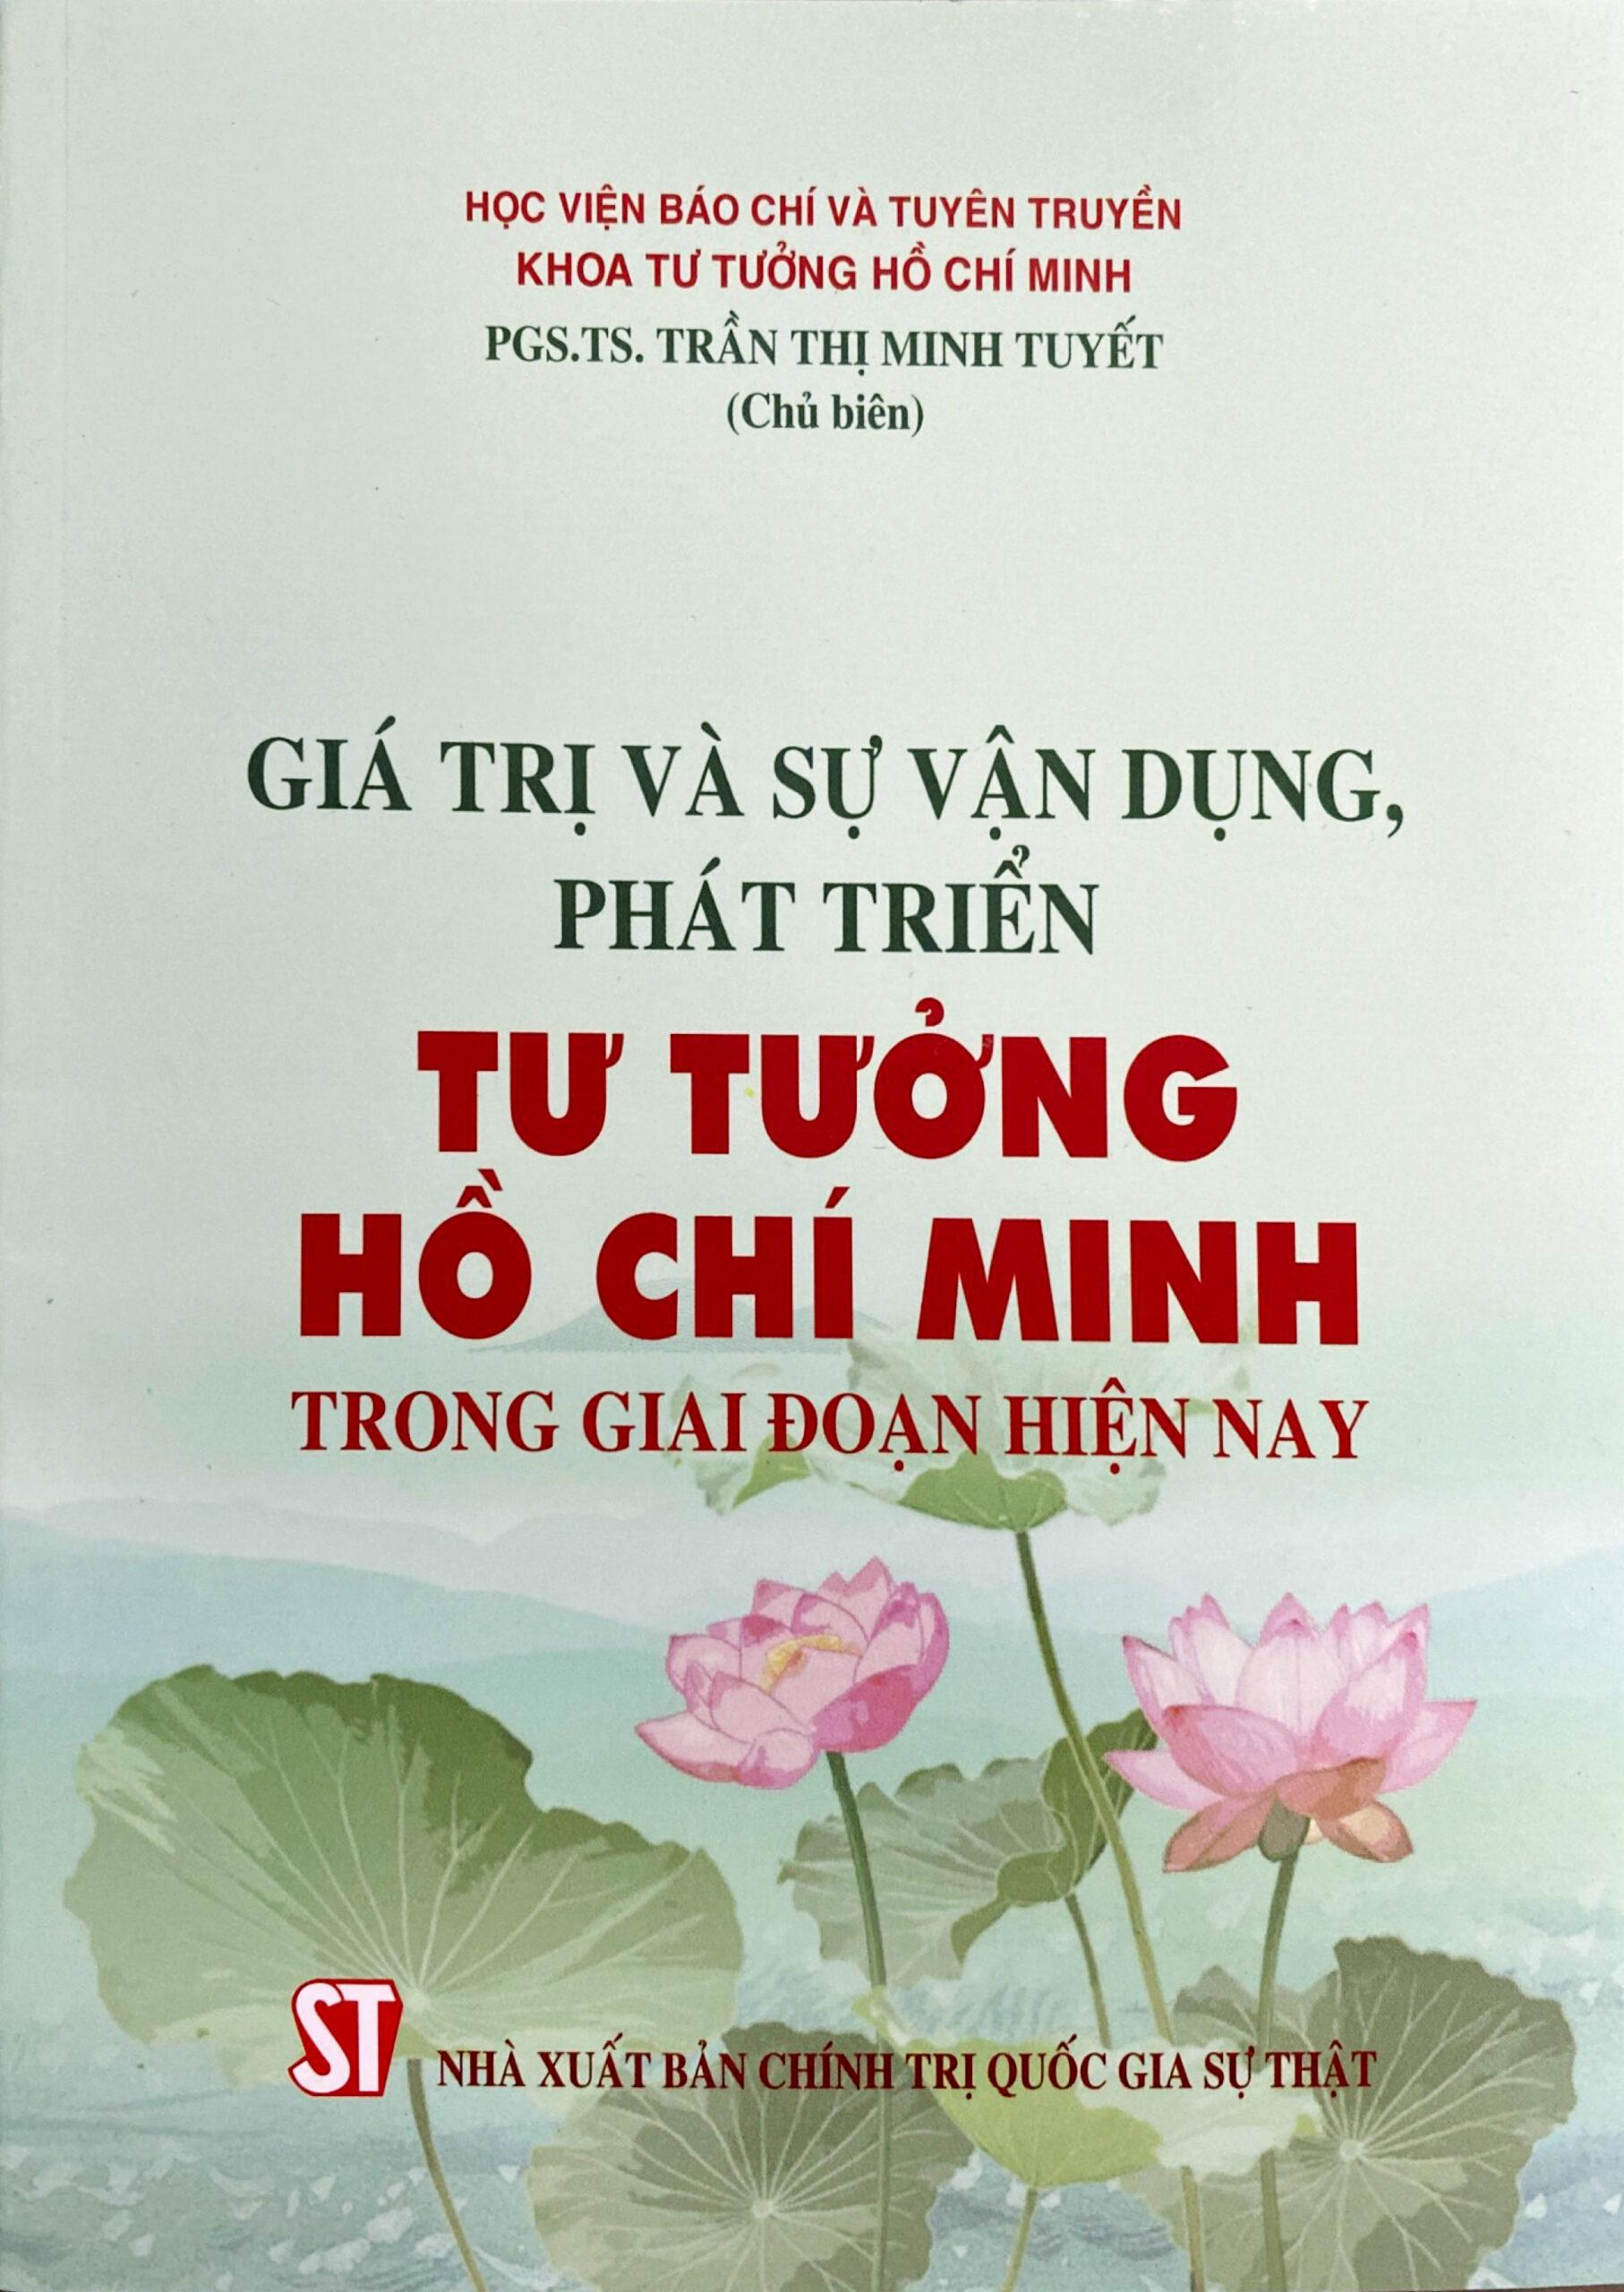 Giá trị và sự vận dụng, phát triển tư tưởng Hồ Chí Minh trong giai đoạn hiện nay